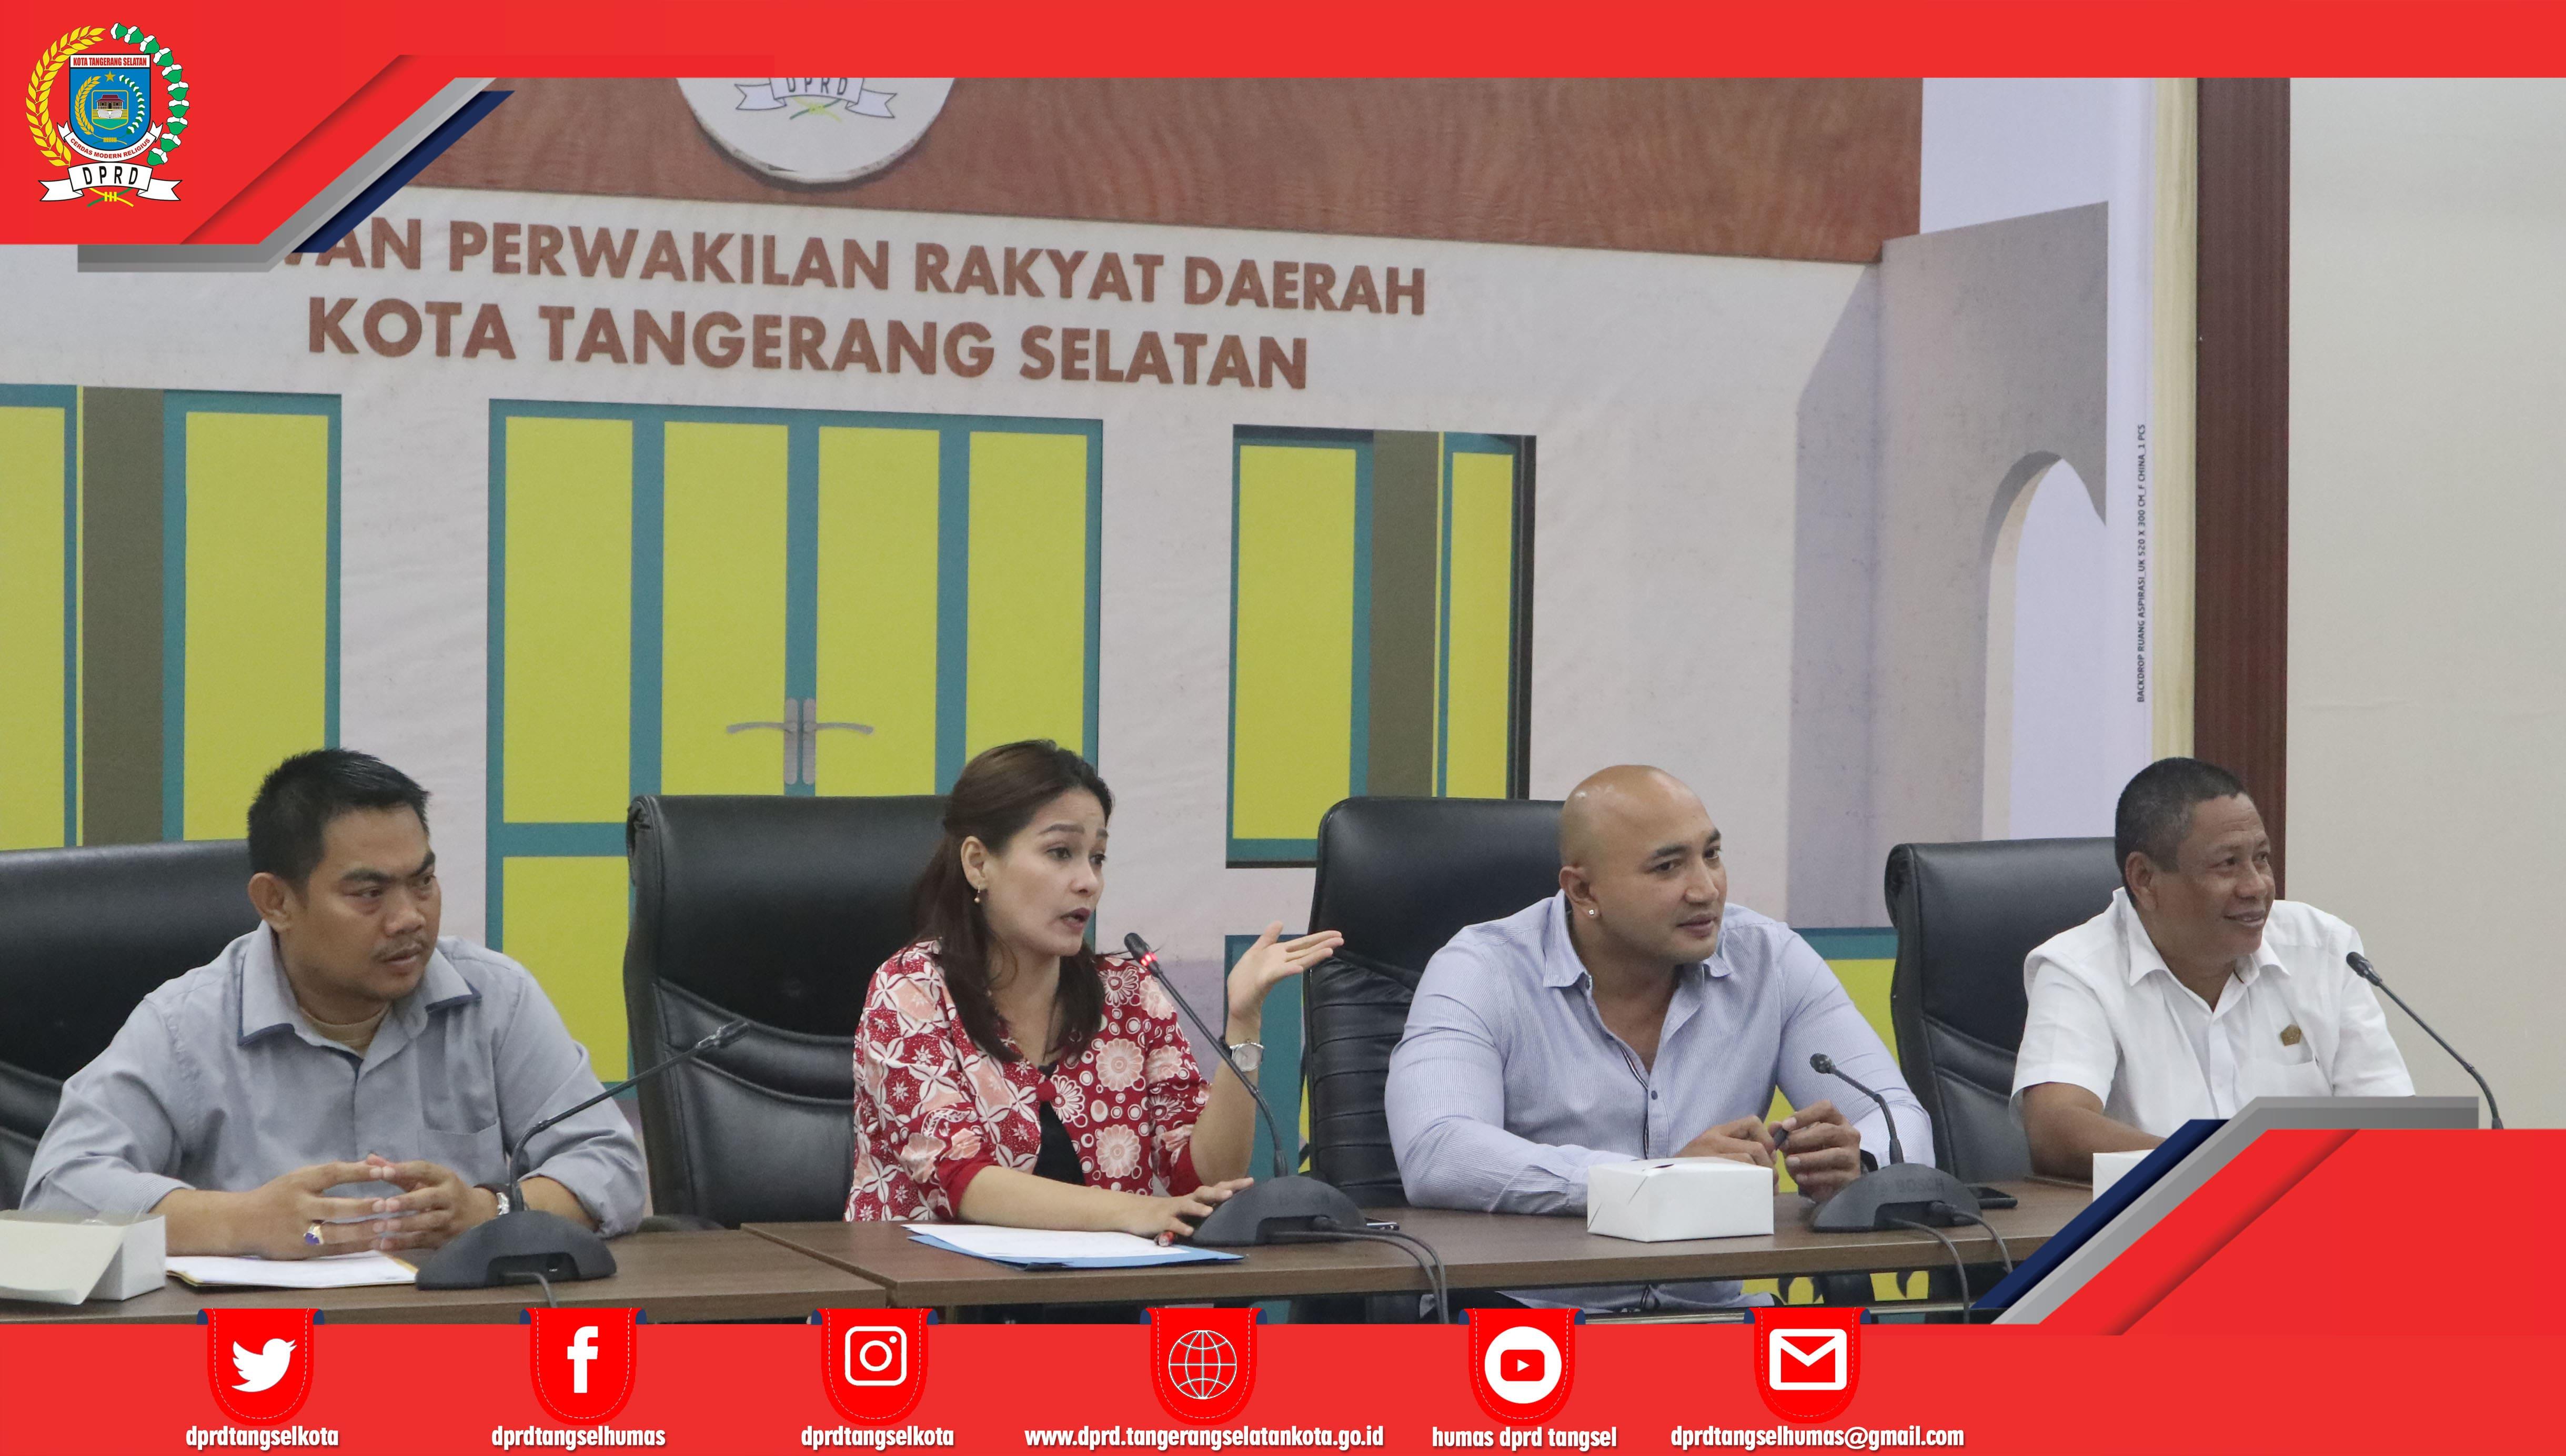 Ketua BK menerima Kunker DPRD Kota Denpasar dan DPRD Kab. Tangerang